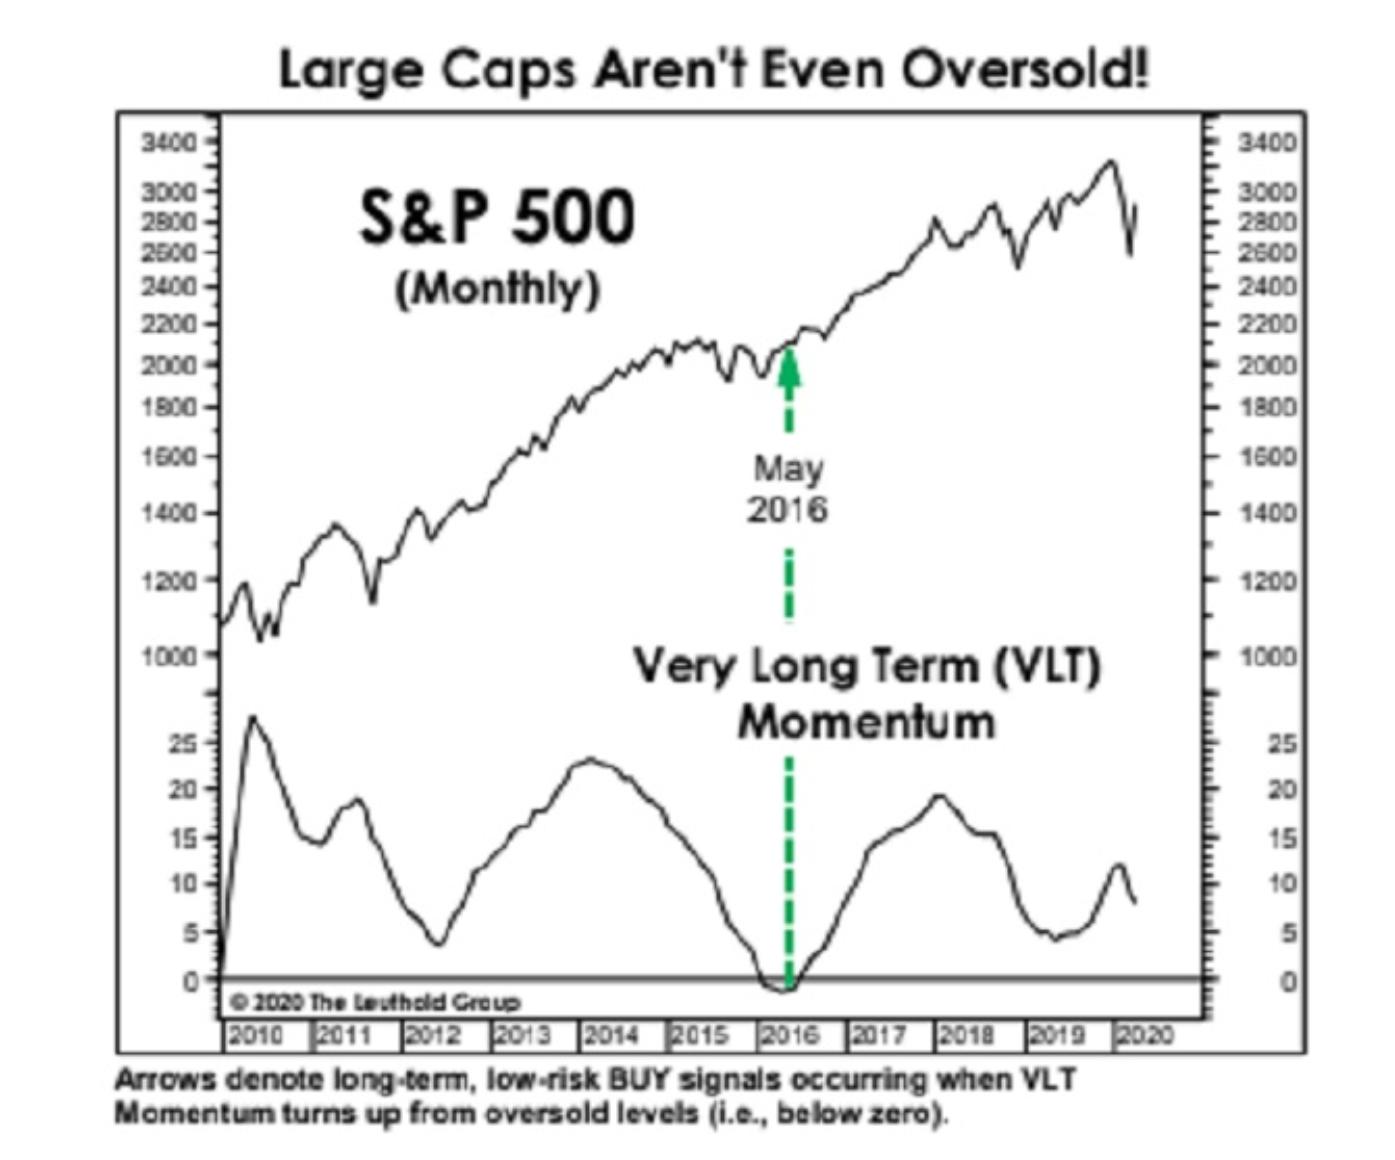 华尔街策略师:更严重抛售将至 标普500至多可再跌46%